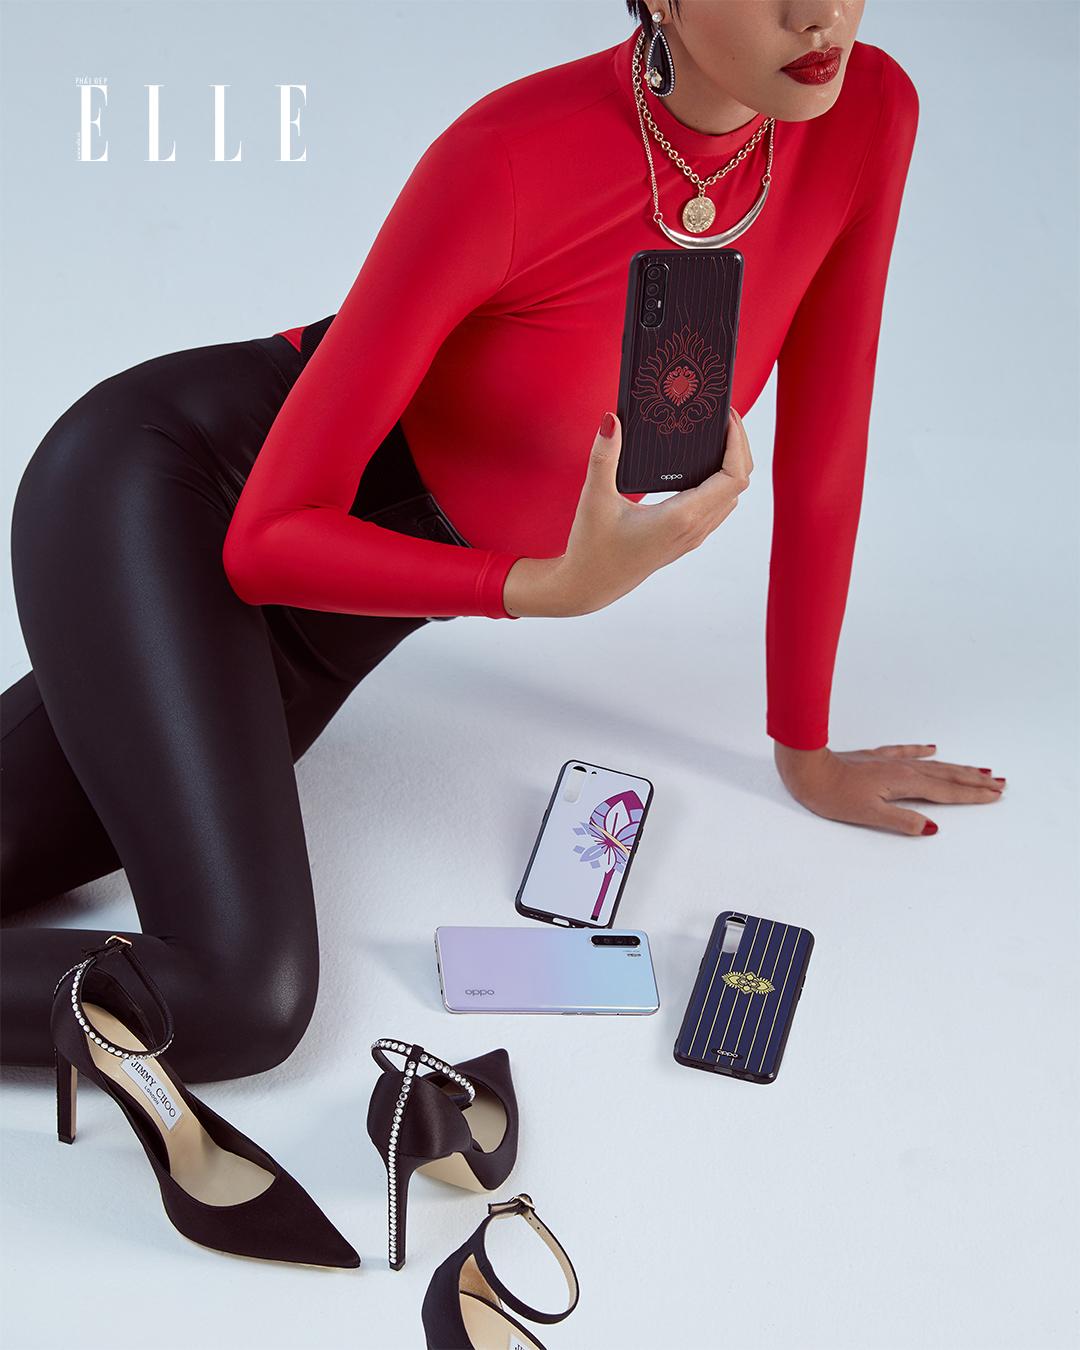 Bộ ảnh thời trang Bản Ngã Thời Thượng - Người mẫu diện áo đỏ và legging đen, cầm điện thoại OPPO Reno3